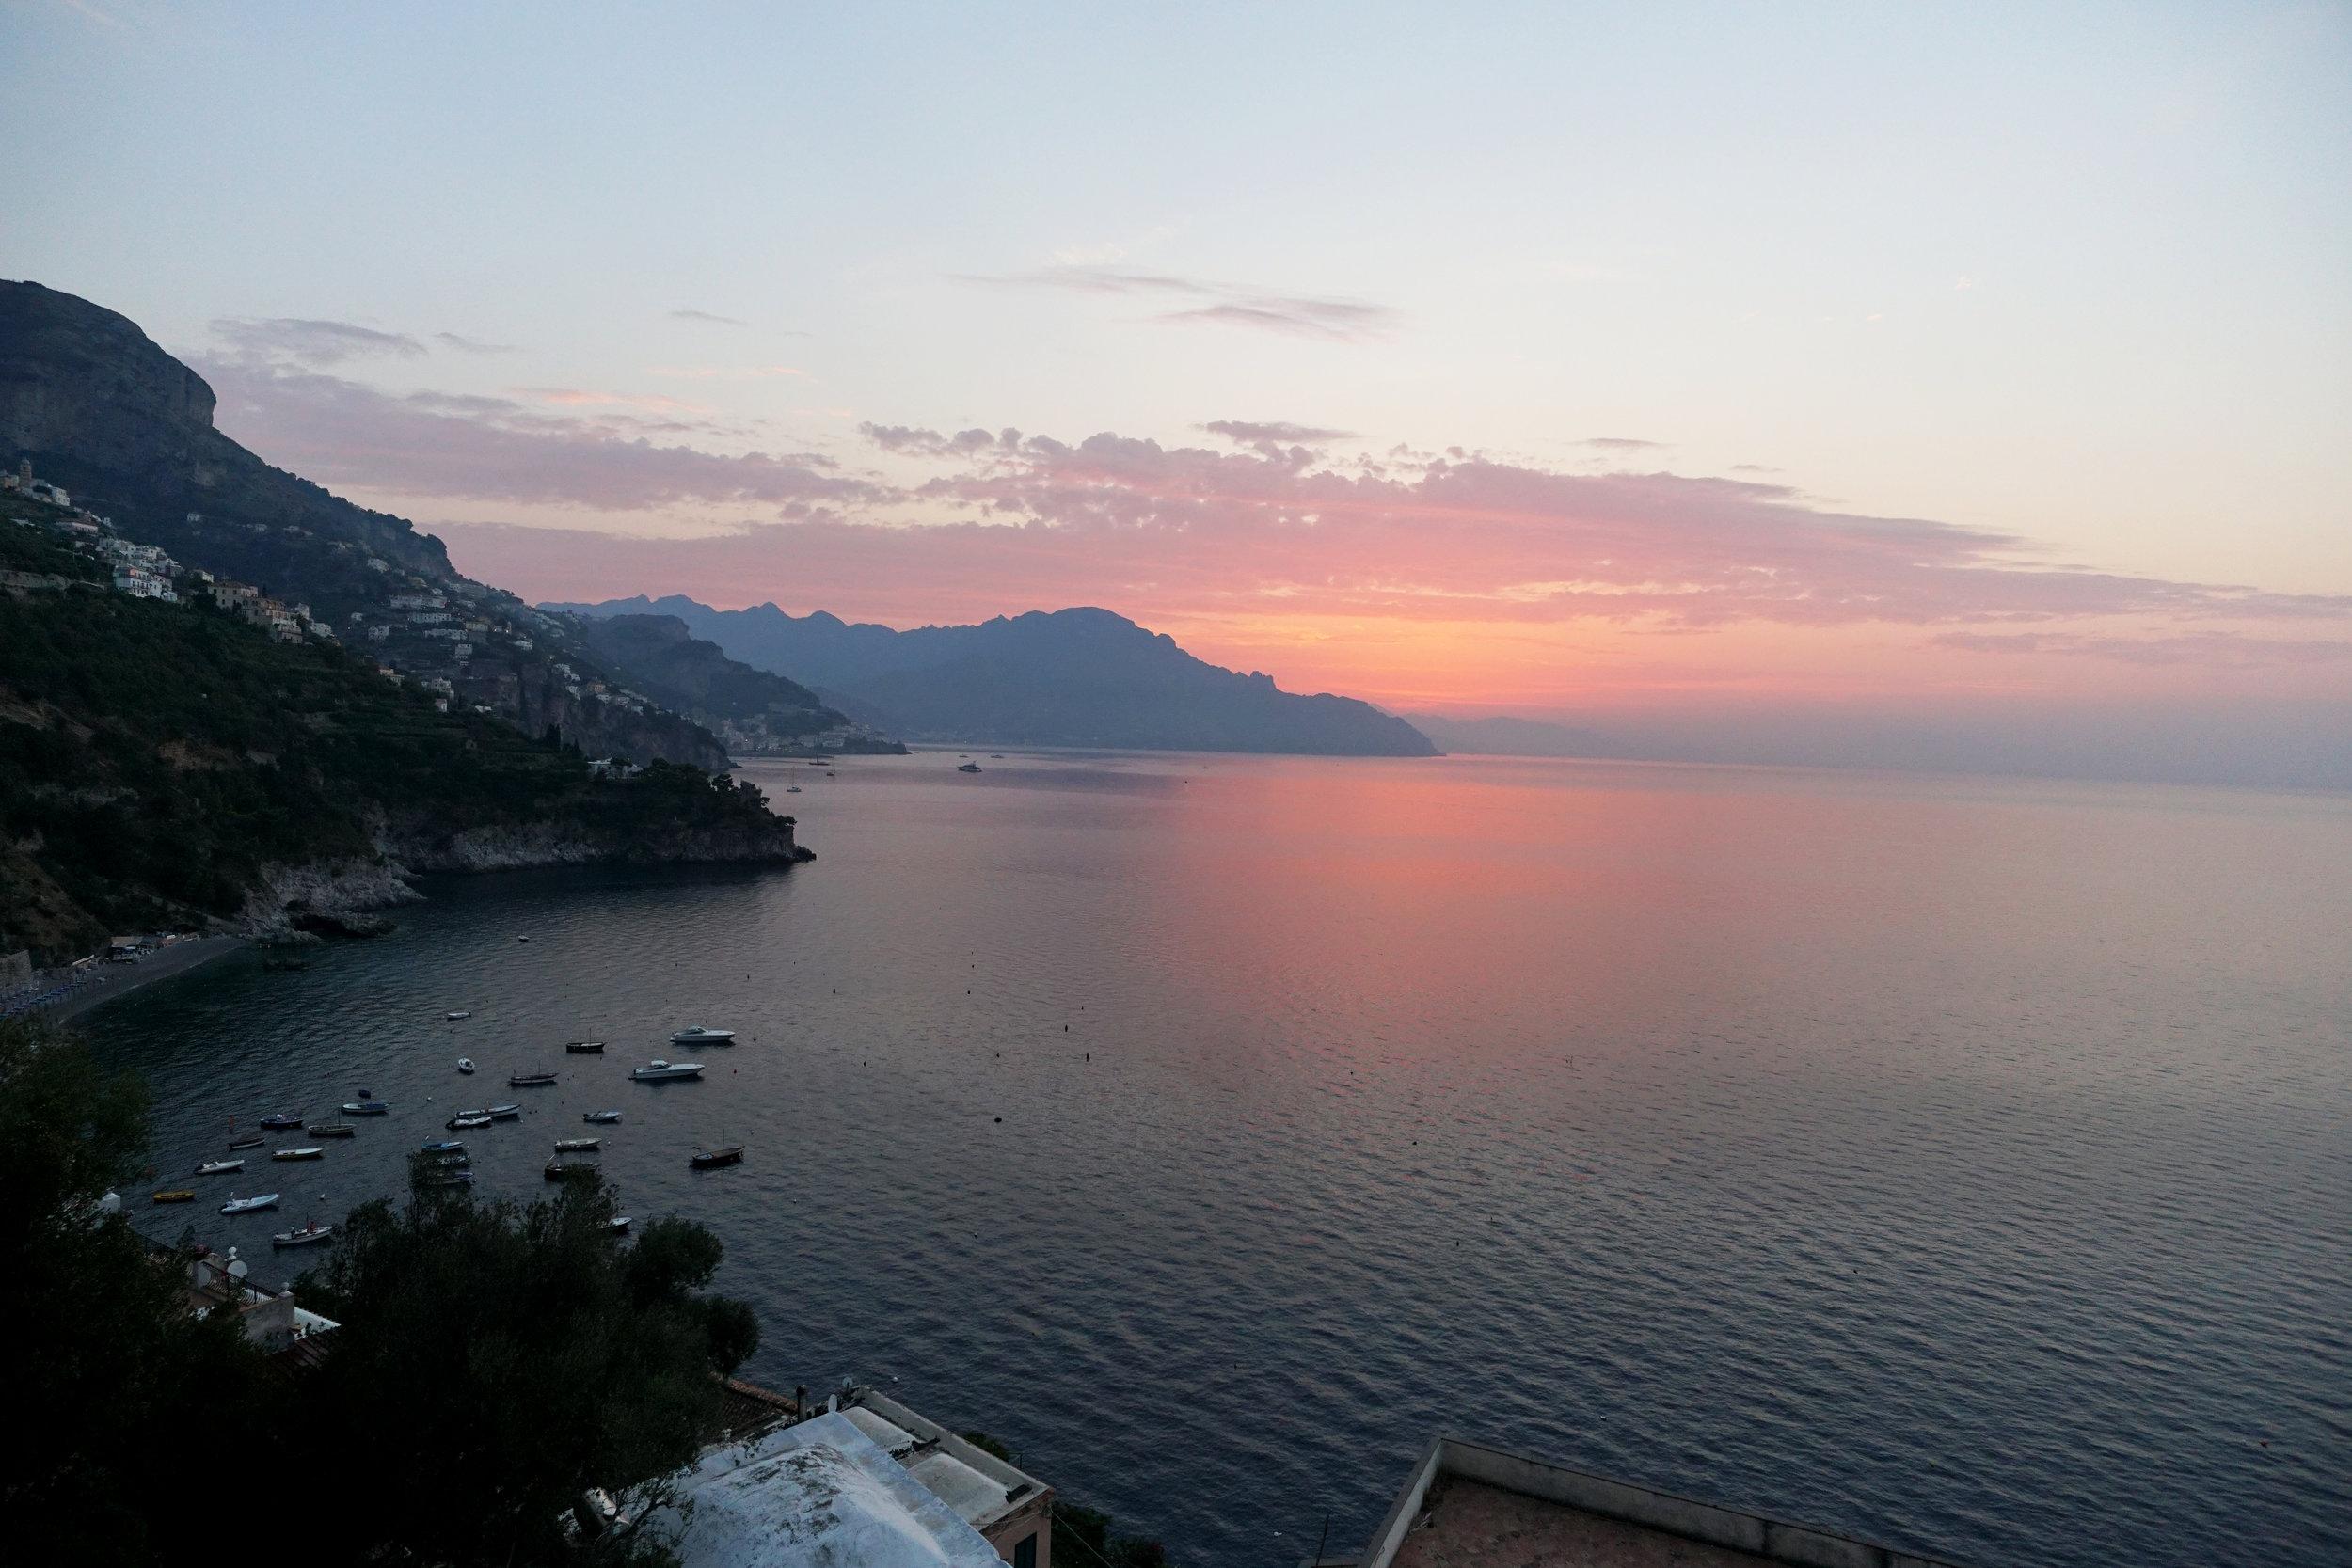 Sunrise from Conca dei Marini